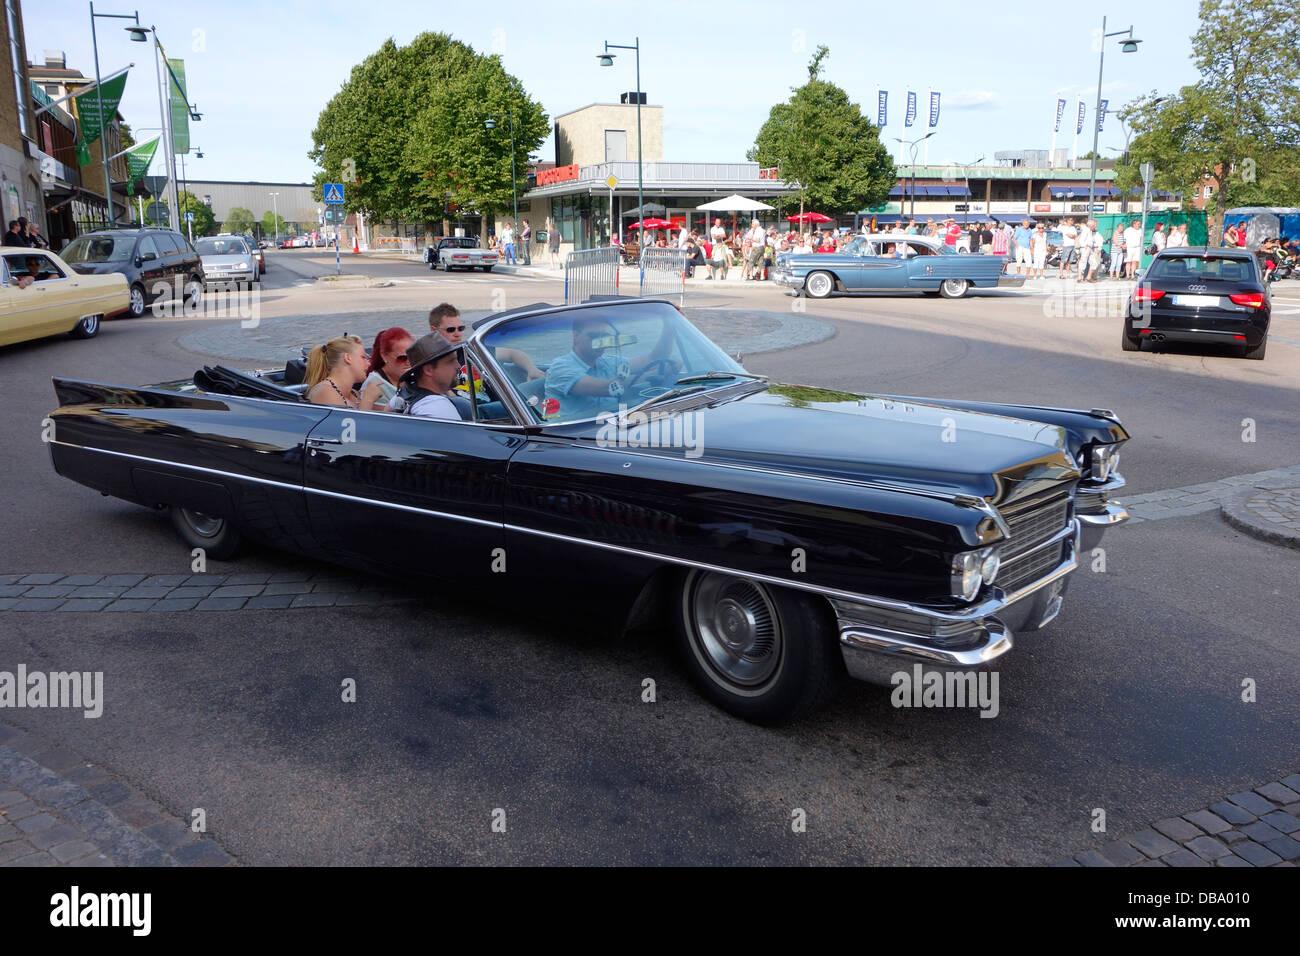 Estilo Rockabilly, personas que viajaban en un coche clásico en la carretera en la ciudad de Varberg, Suecia Imagen De Stock